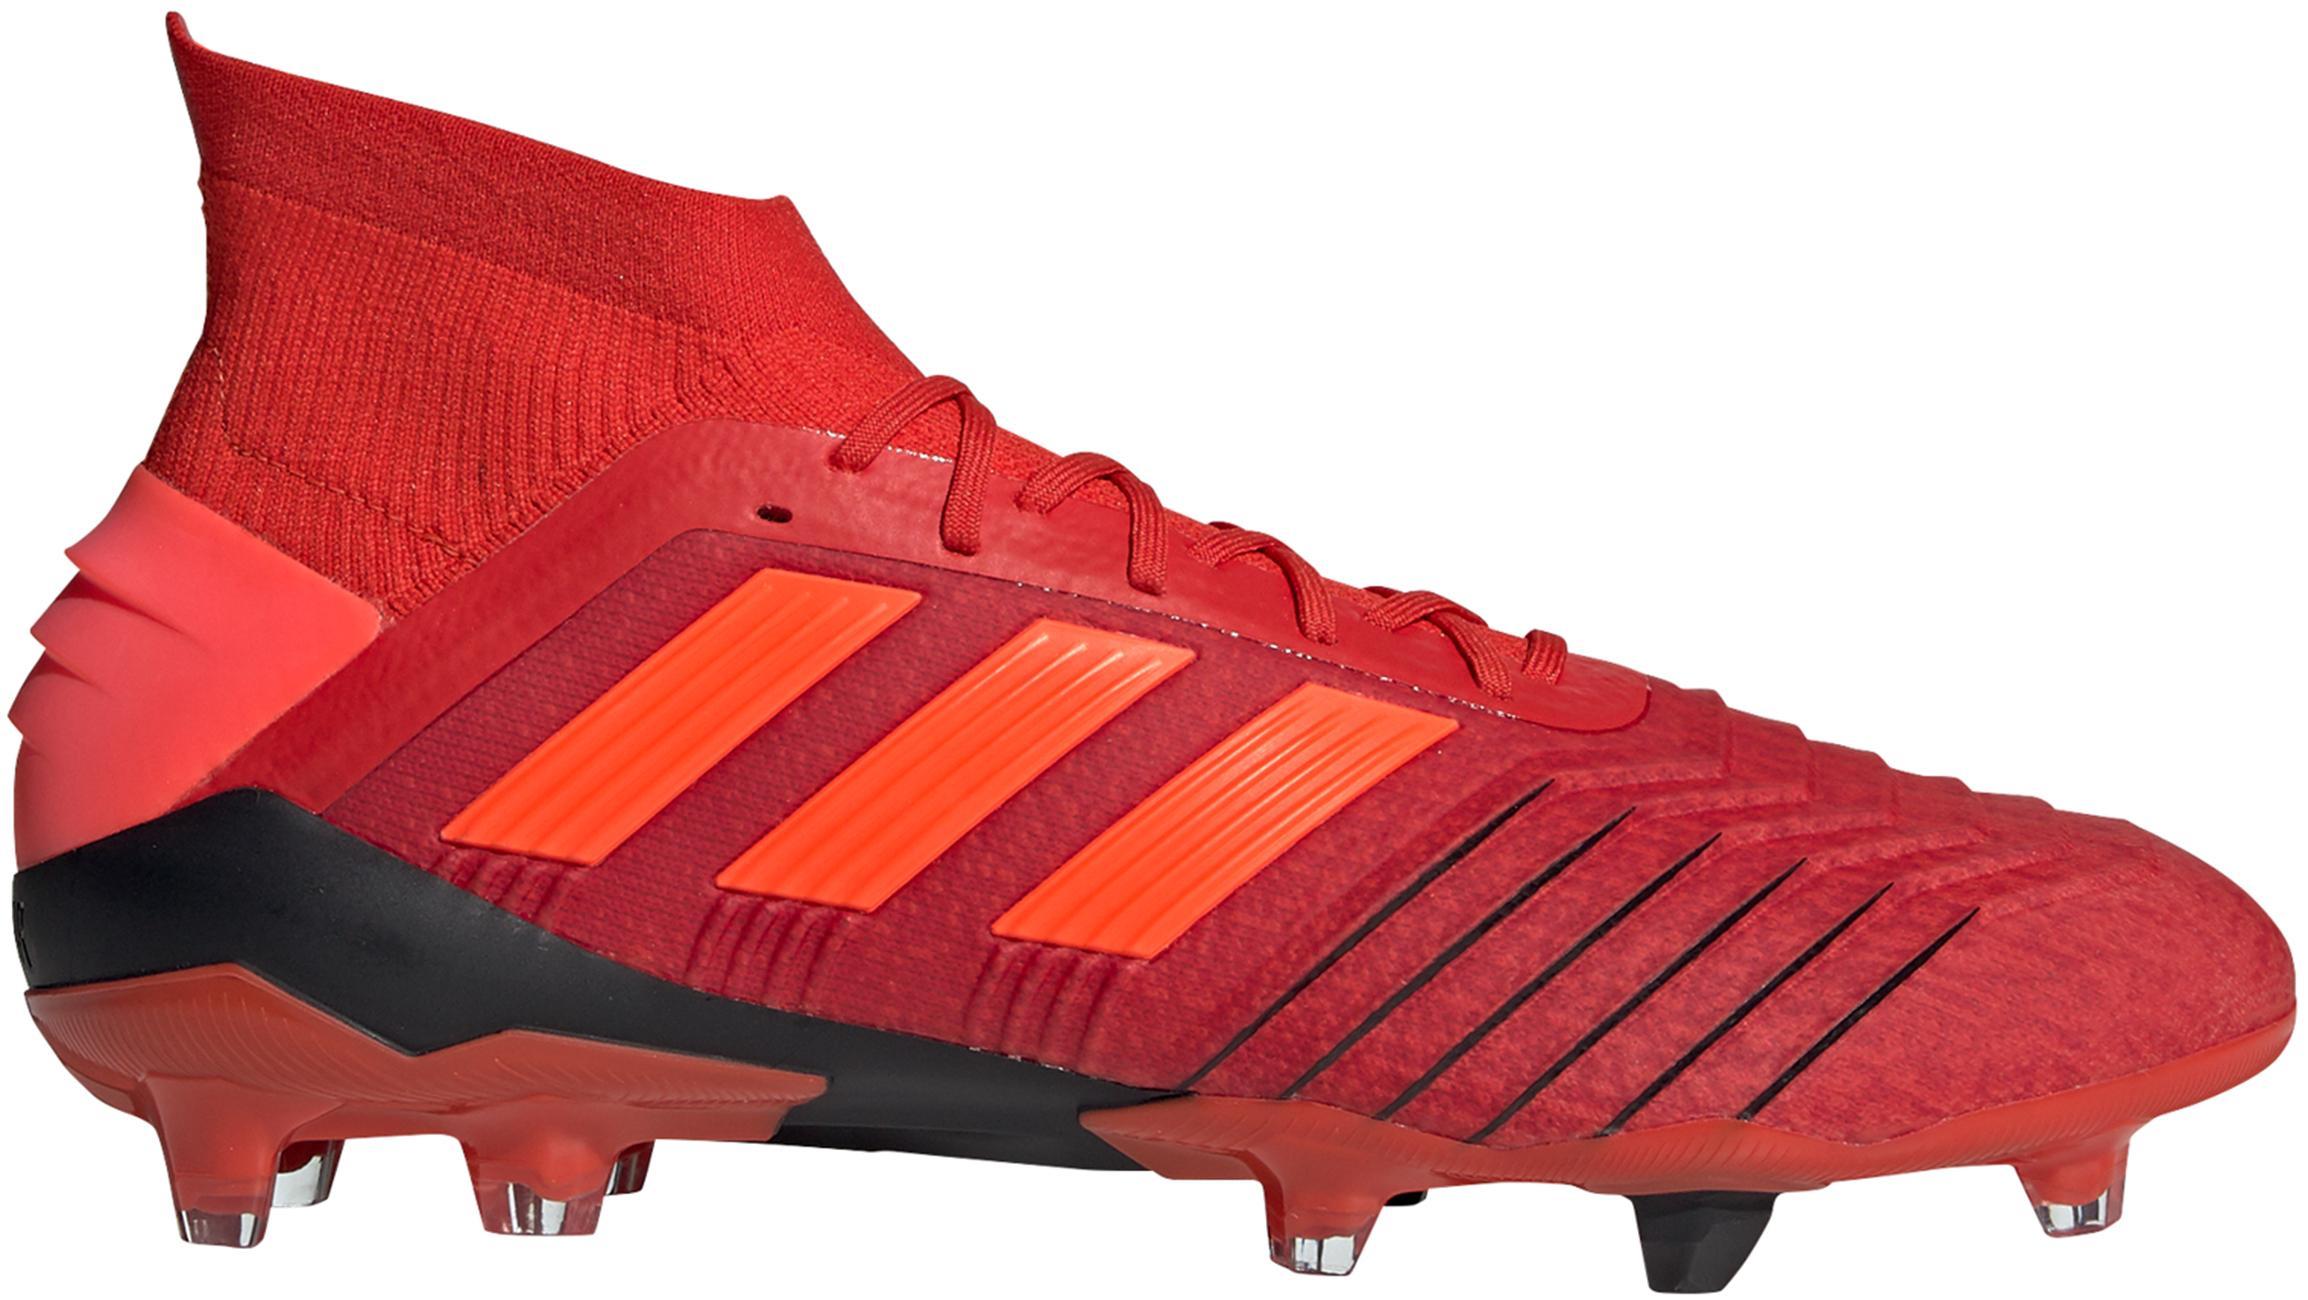 Adidas ProtATOR 19.1 FG Fußballschuhe active rot rot rot im Online Shop von SportScheck kaufen Gute Qualität beliebte Schuhe 7e3c09